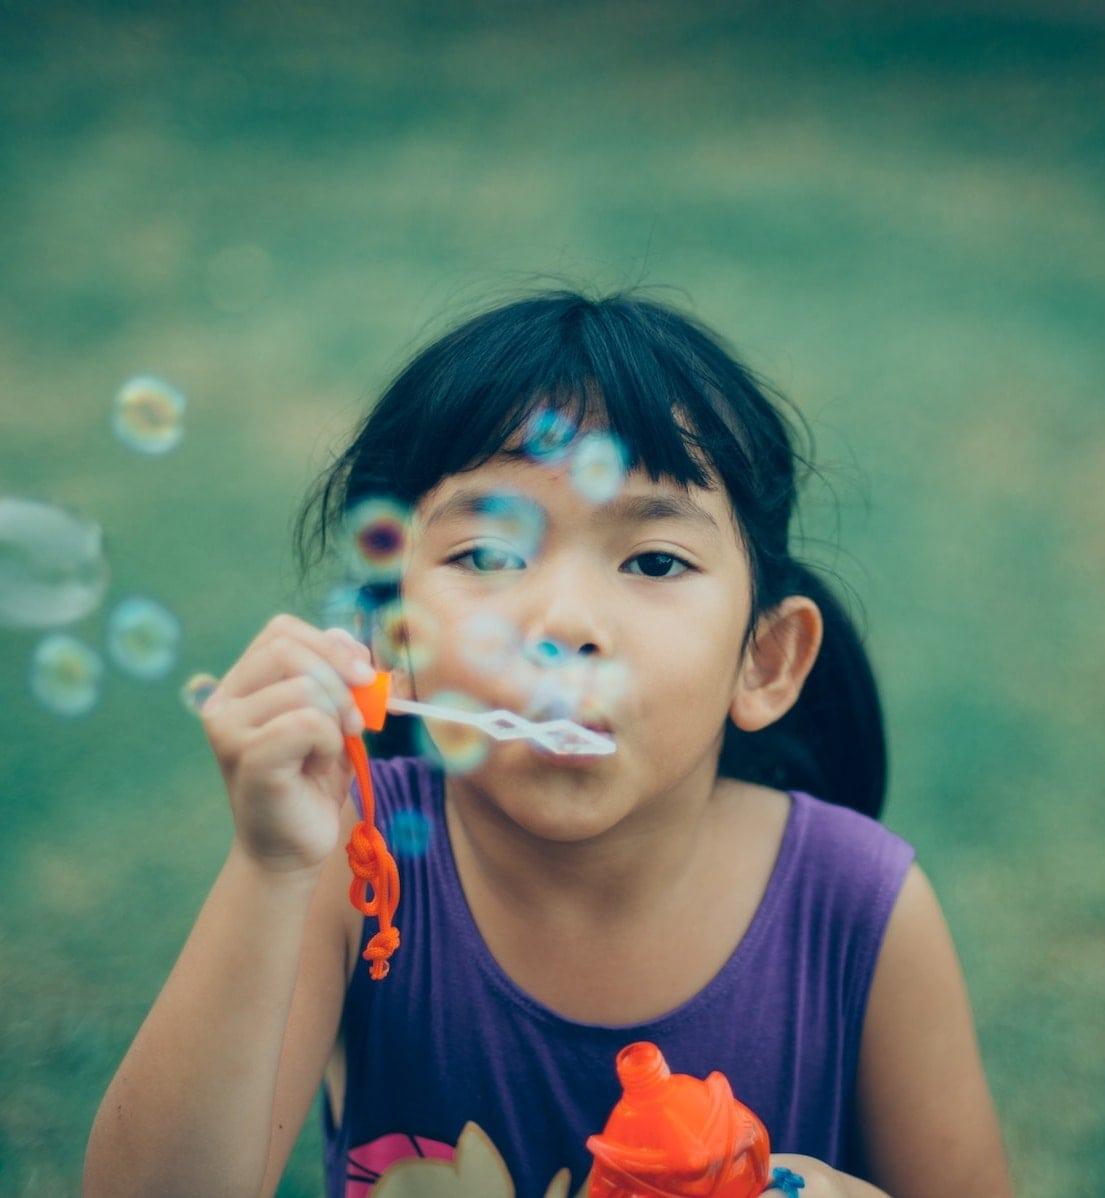 adorable-bubbles-child-333529